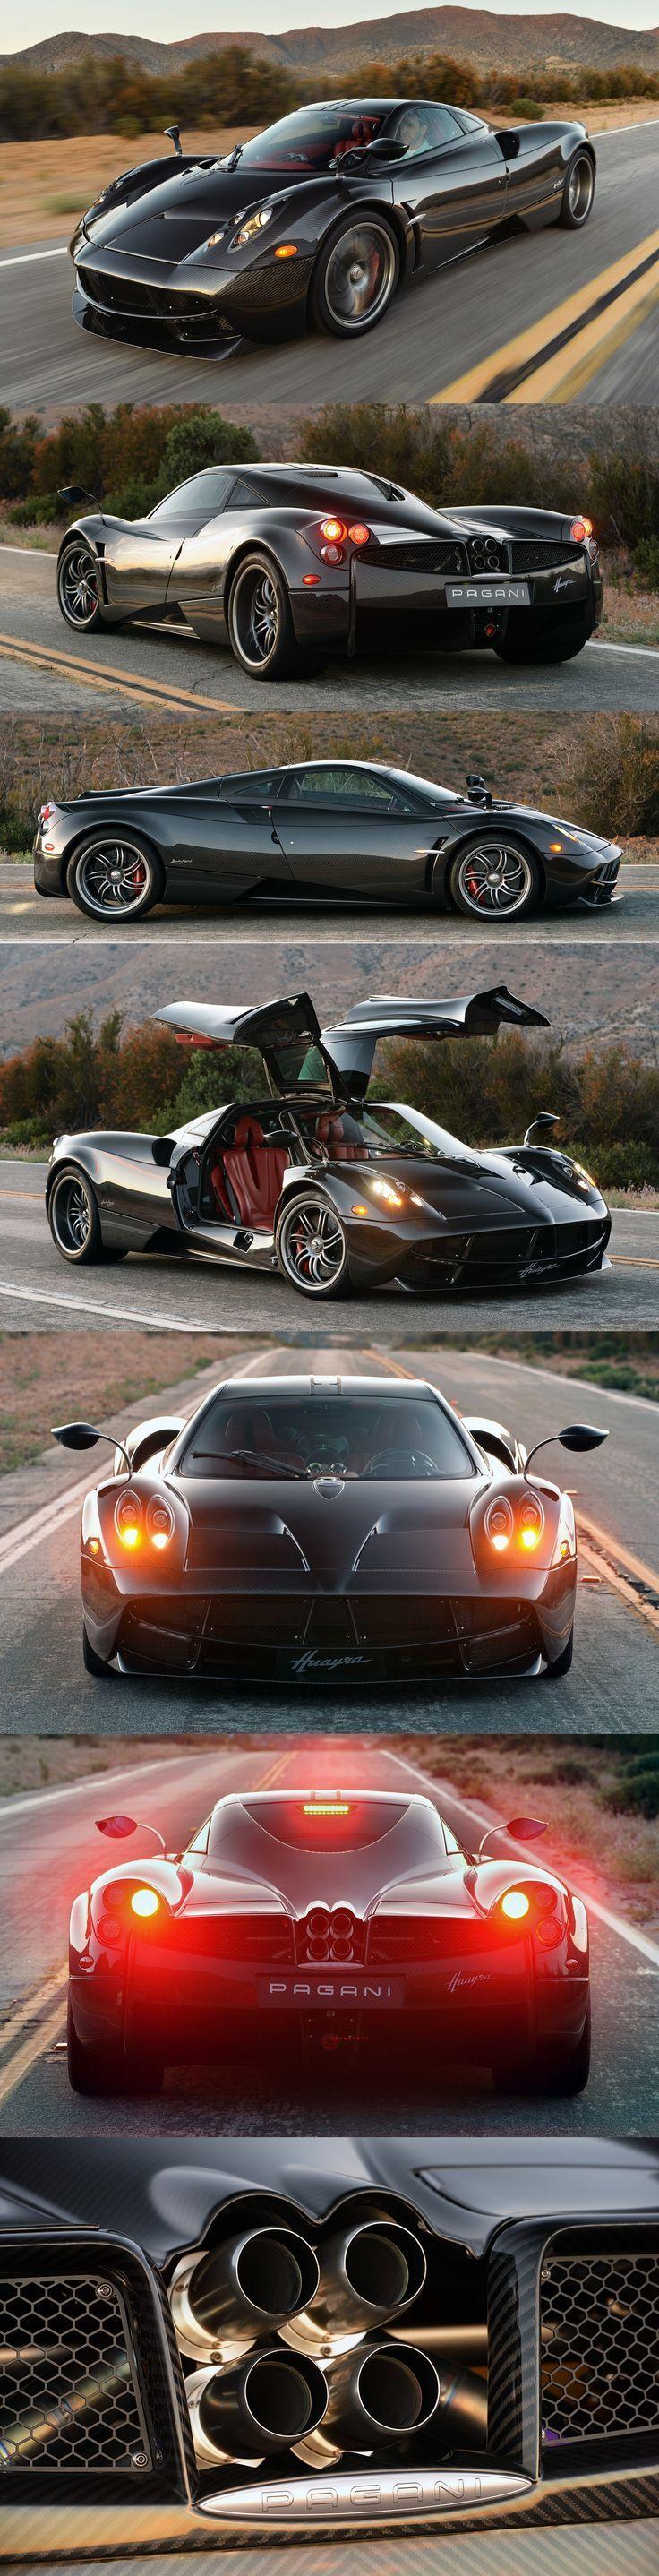 83 best hyper cars images on pinterest car koenigsegg and dream cars